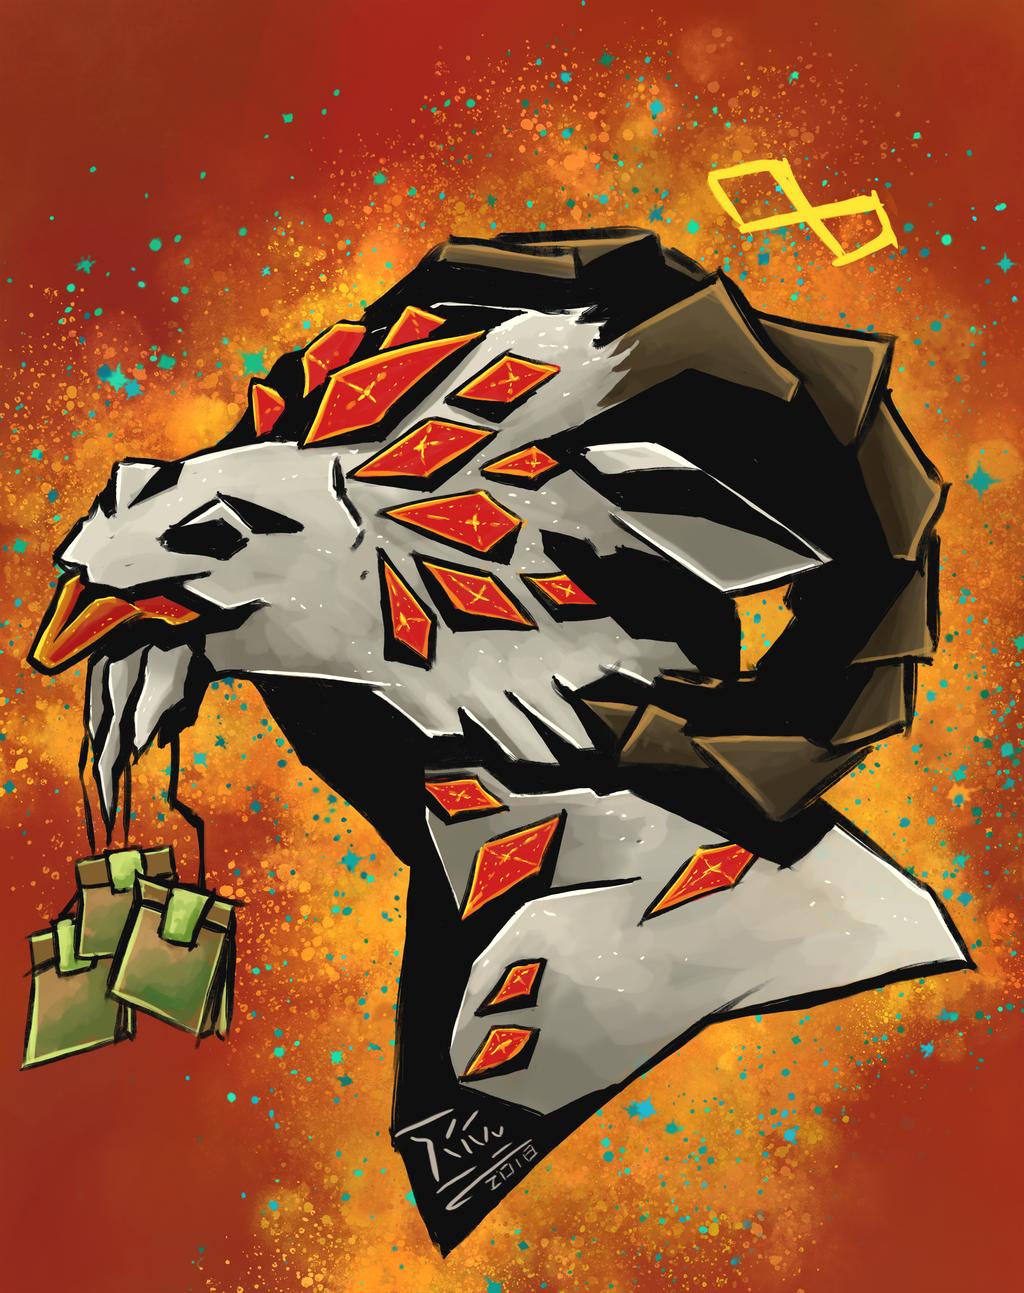 Artfight '18: Skullbird